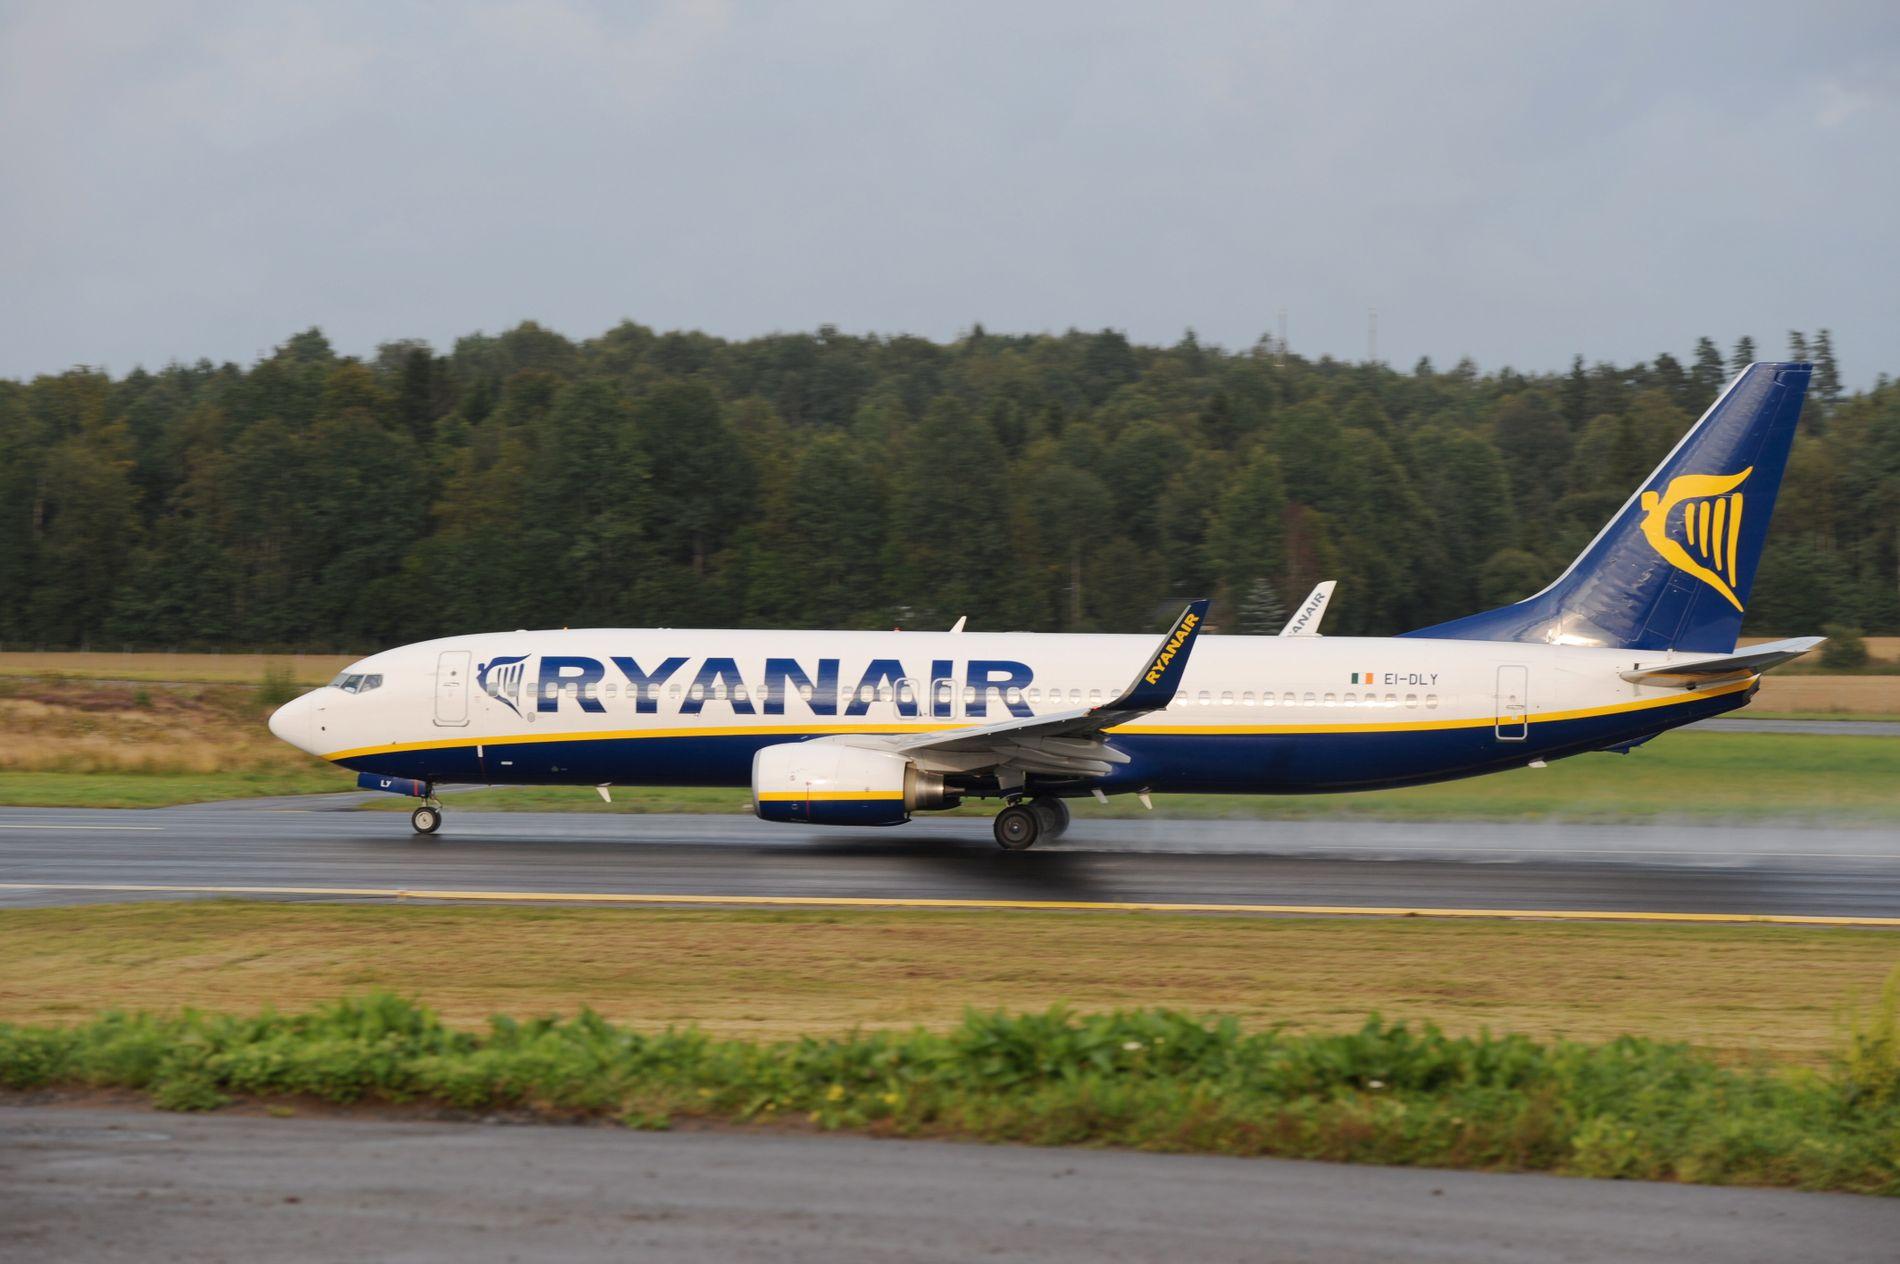 MÅTTE NØDLANDE: Et  Ryanair-fly måtte fredag kveld nødlande i Tyskland. Passasjerene er misfornøyde med behandlingen fra flyselskapet. Bildet er fra en annen anledning.